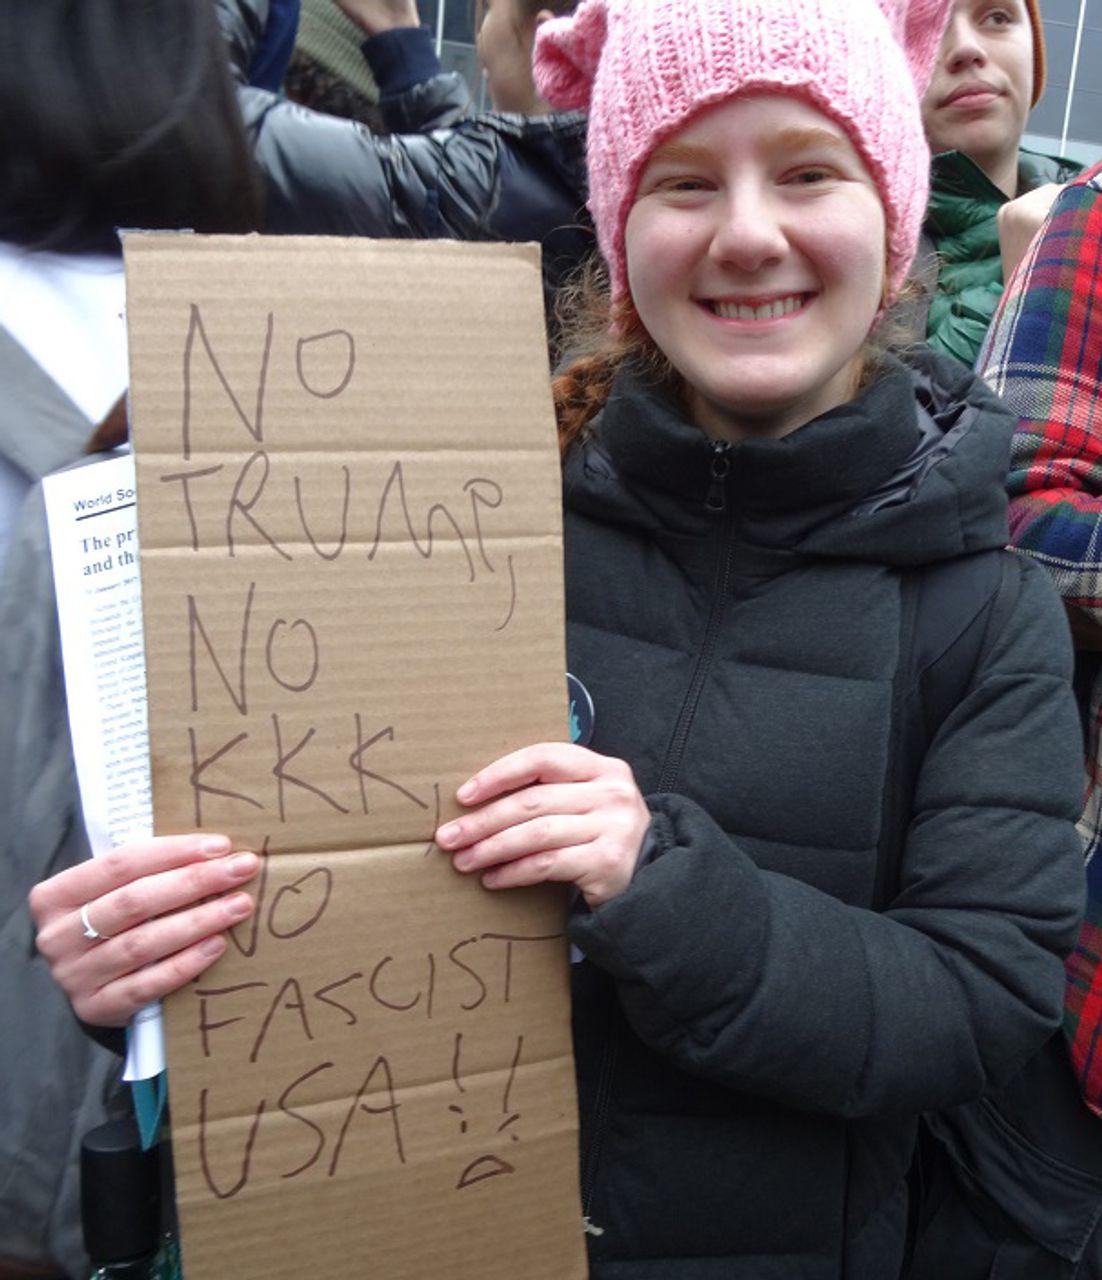 New York anti-Trump demonstrator Natahlie